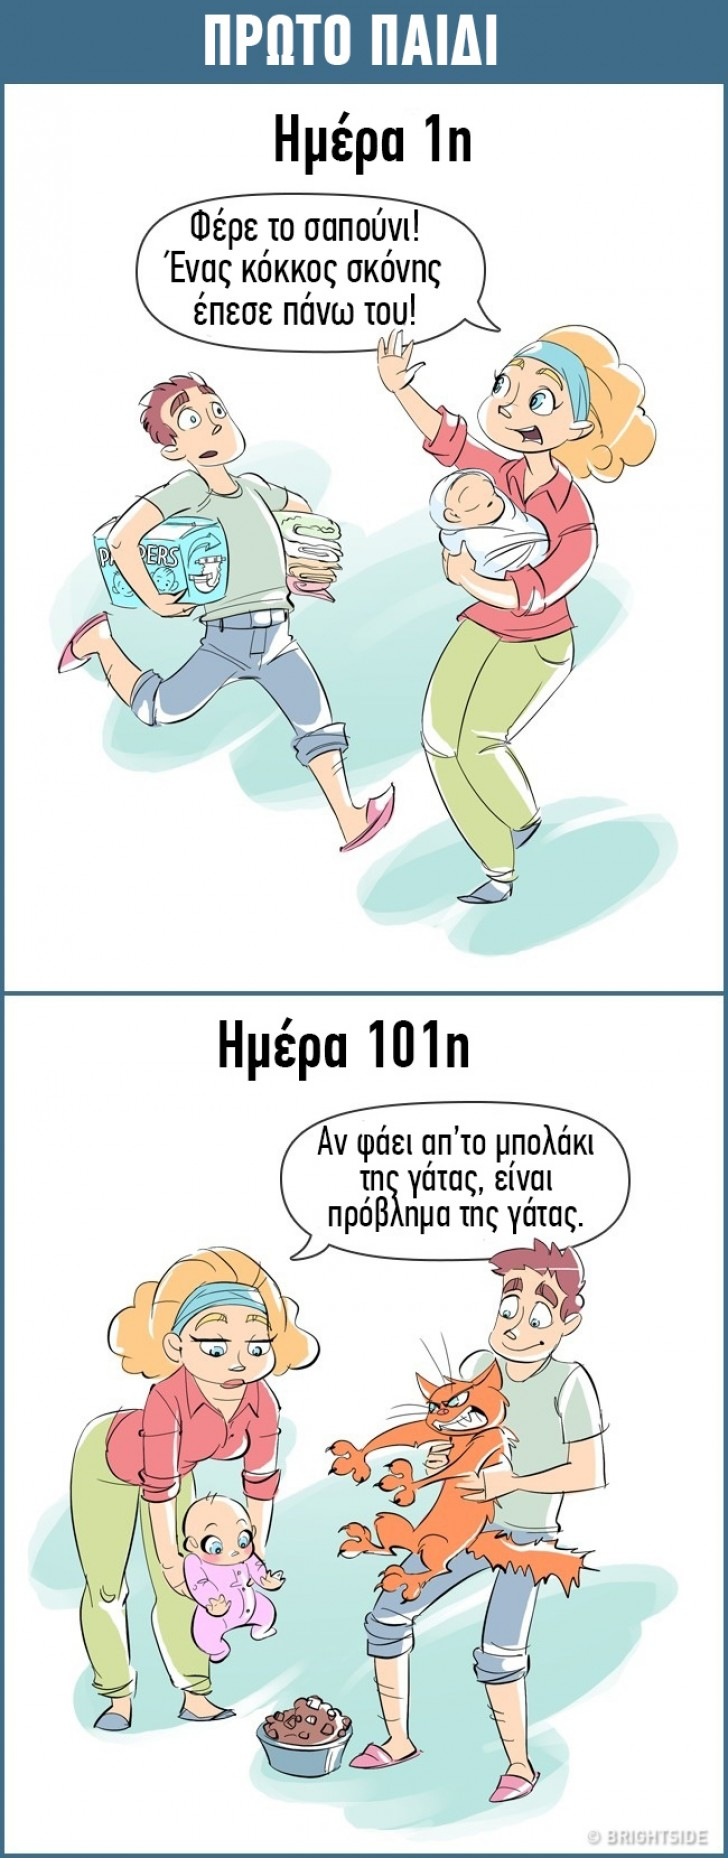 13 σκίτσα που δείχνουν πως αλλάζει η συμπεριφορά μας απέναντι στα πράγματα μέσα σε 100 ημέρες